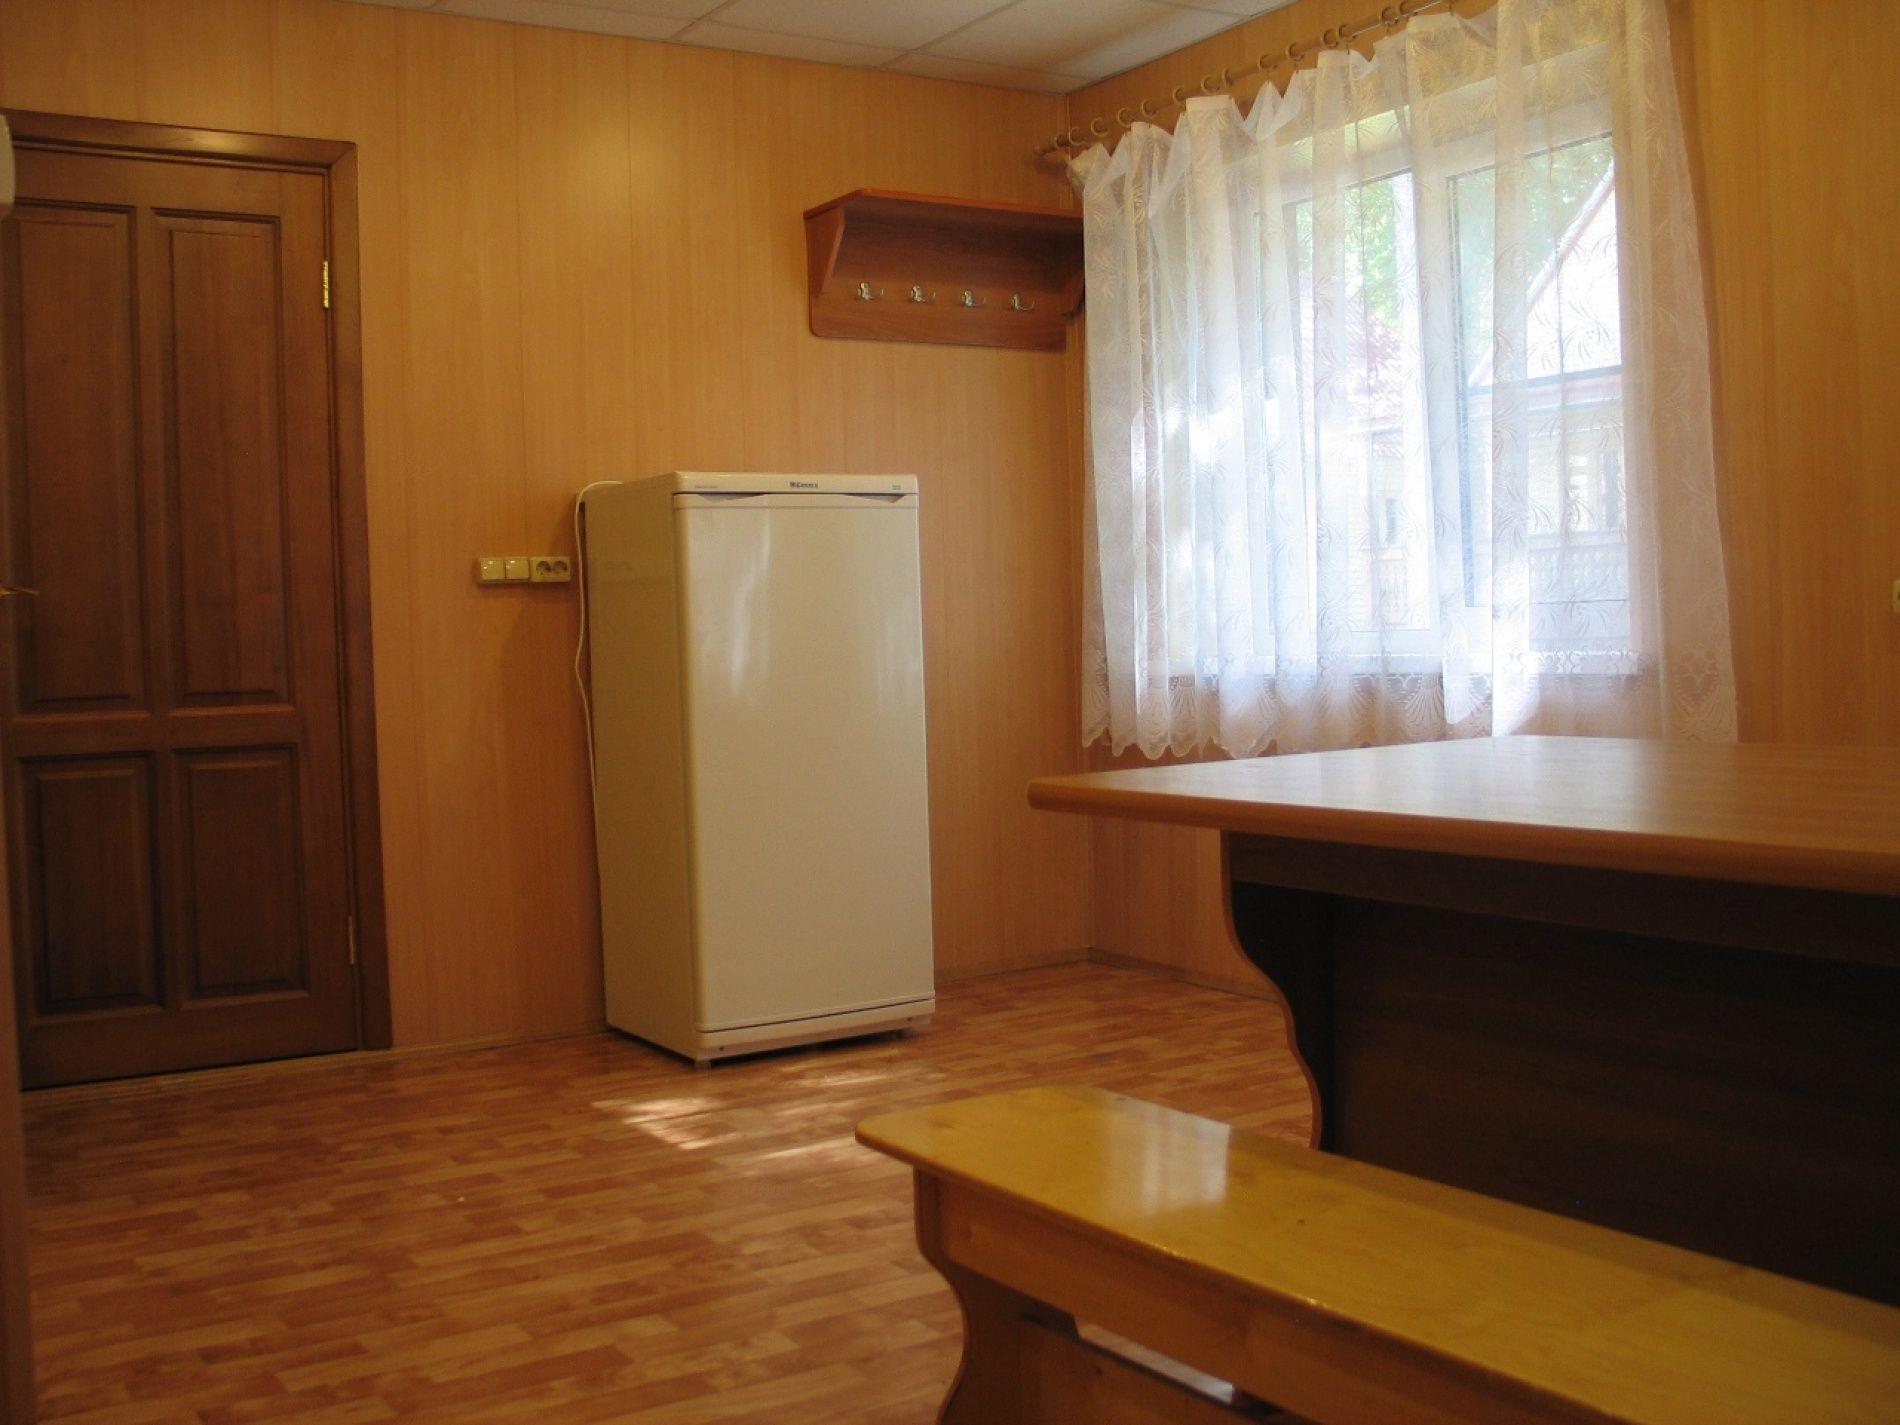 """База отдыха """"Гринта"""" (быв. Квинта) Челябинская область Двухэтажный 2-х комнатный коттедж № 12 (с залом у озера) , фото 6"""